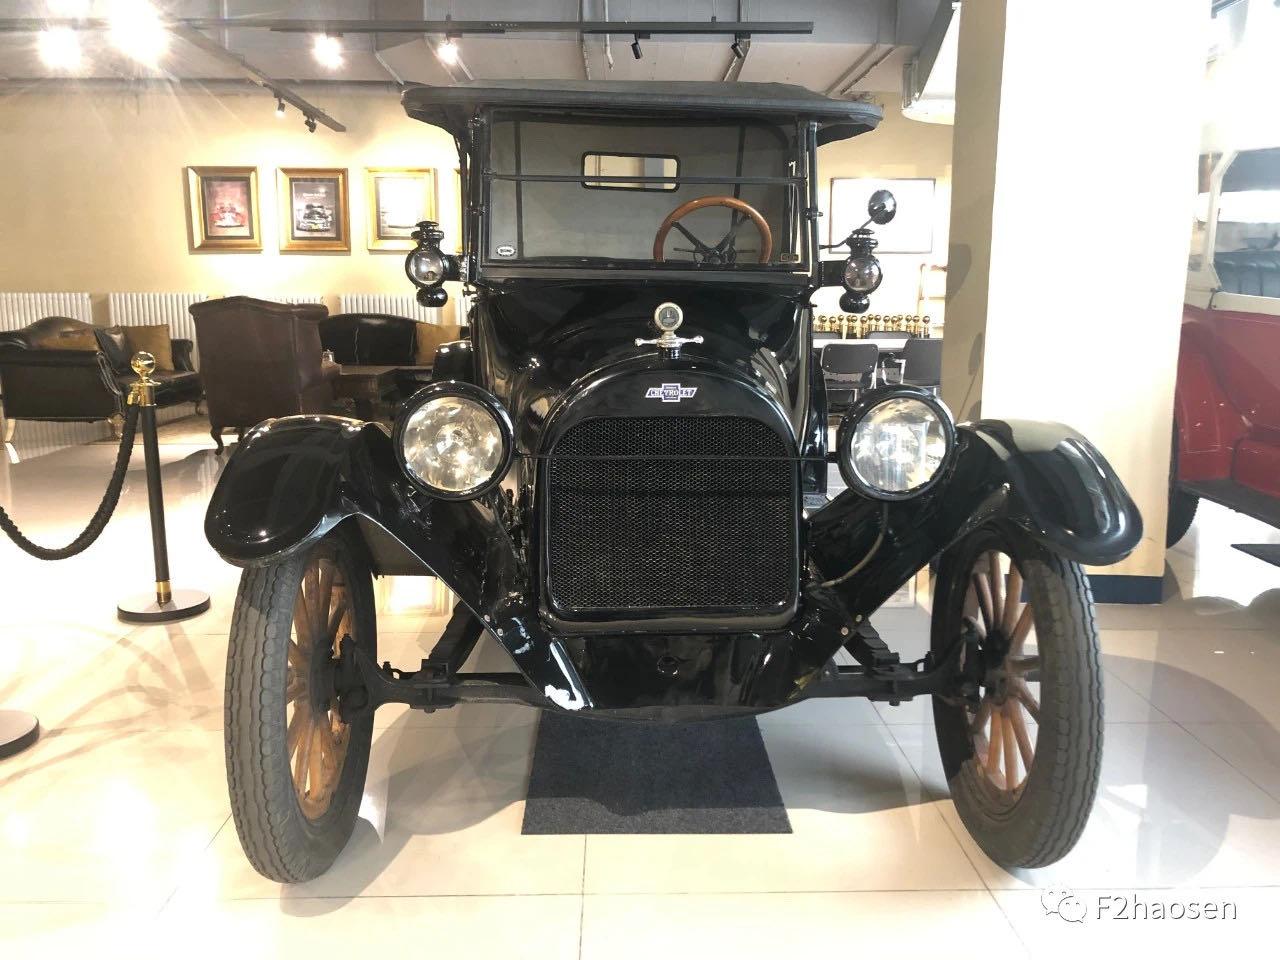 老爷车 古董车 影视剧 婚庆 收藏 1917雪佛兰 490432 作者:F2大森古典车